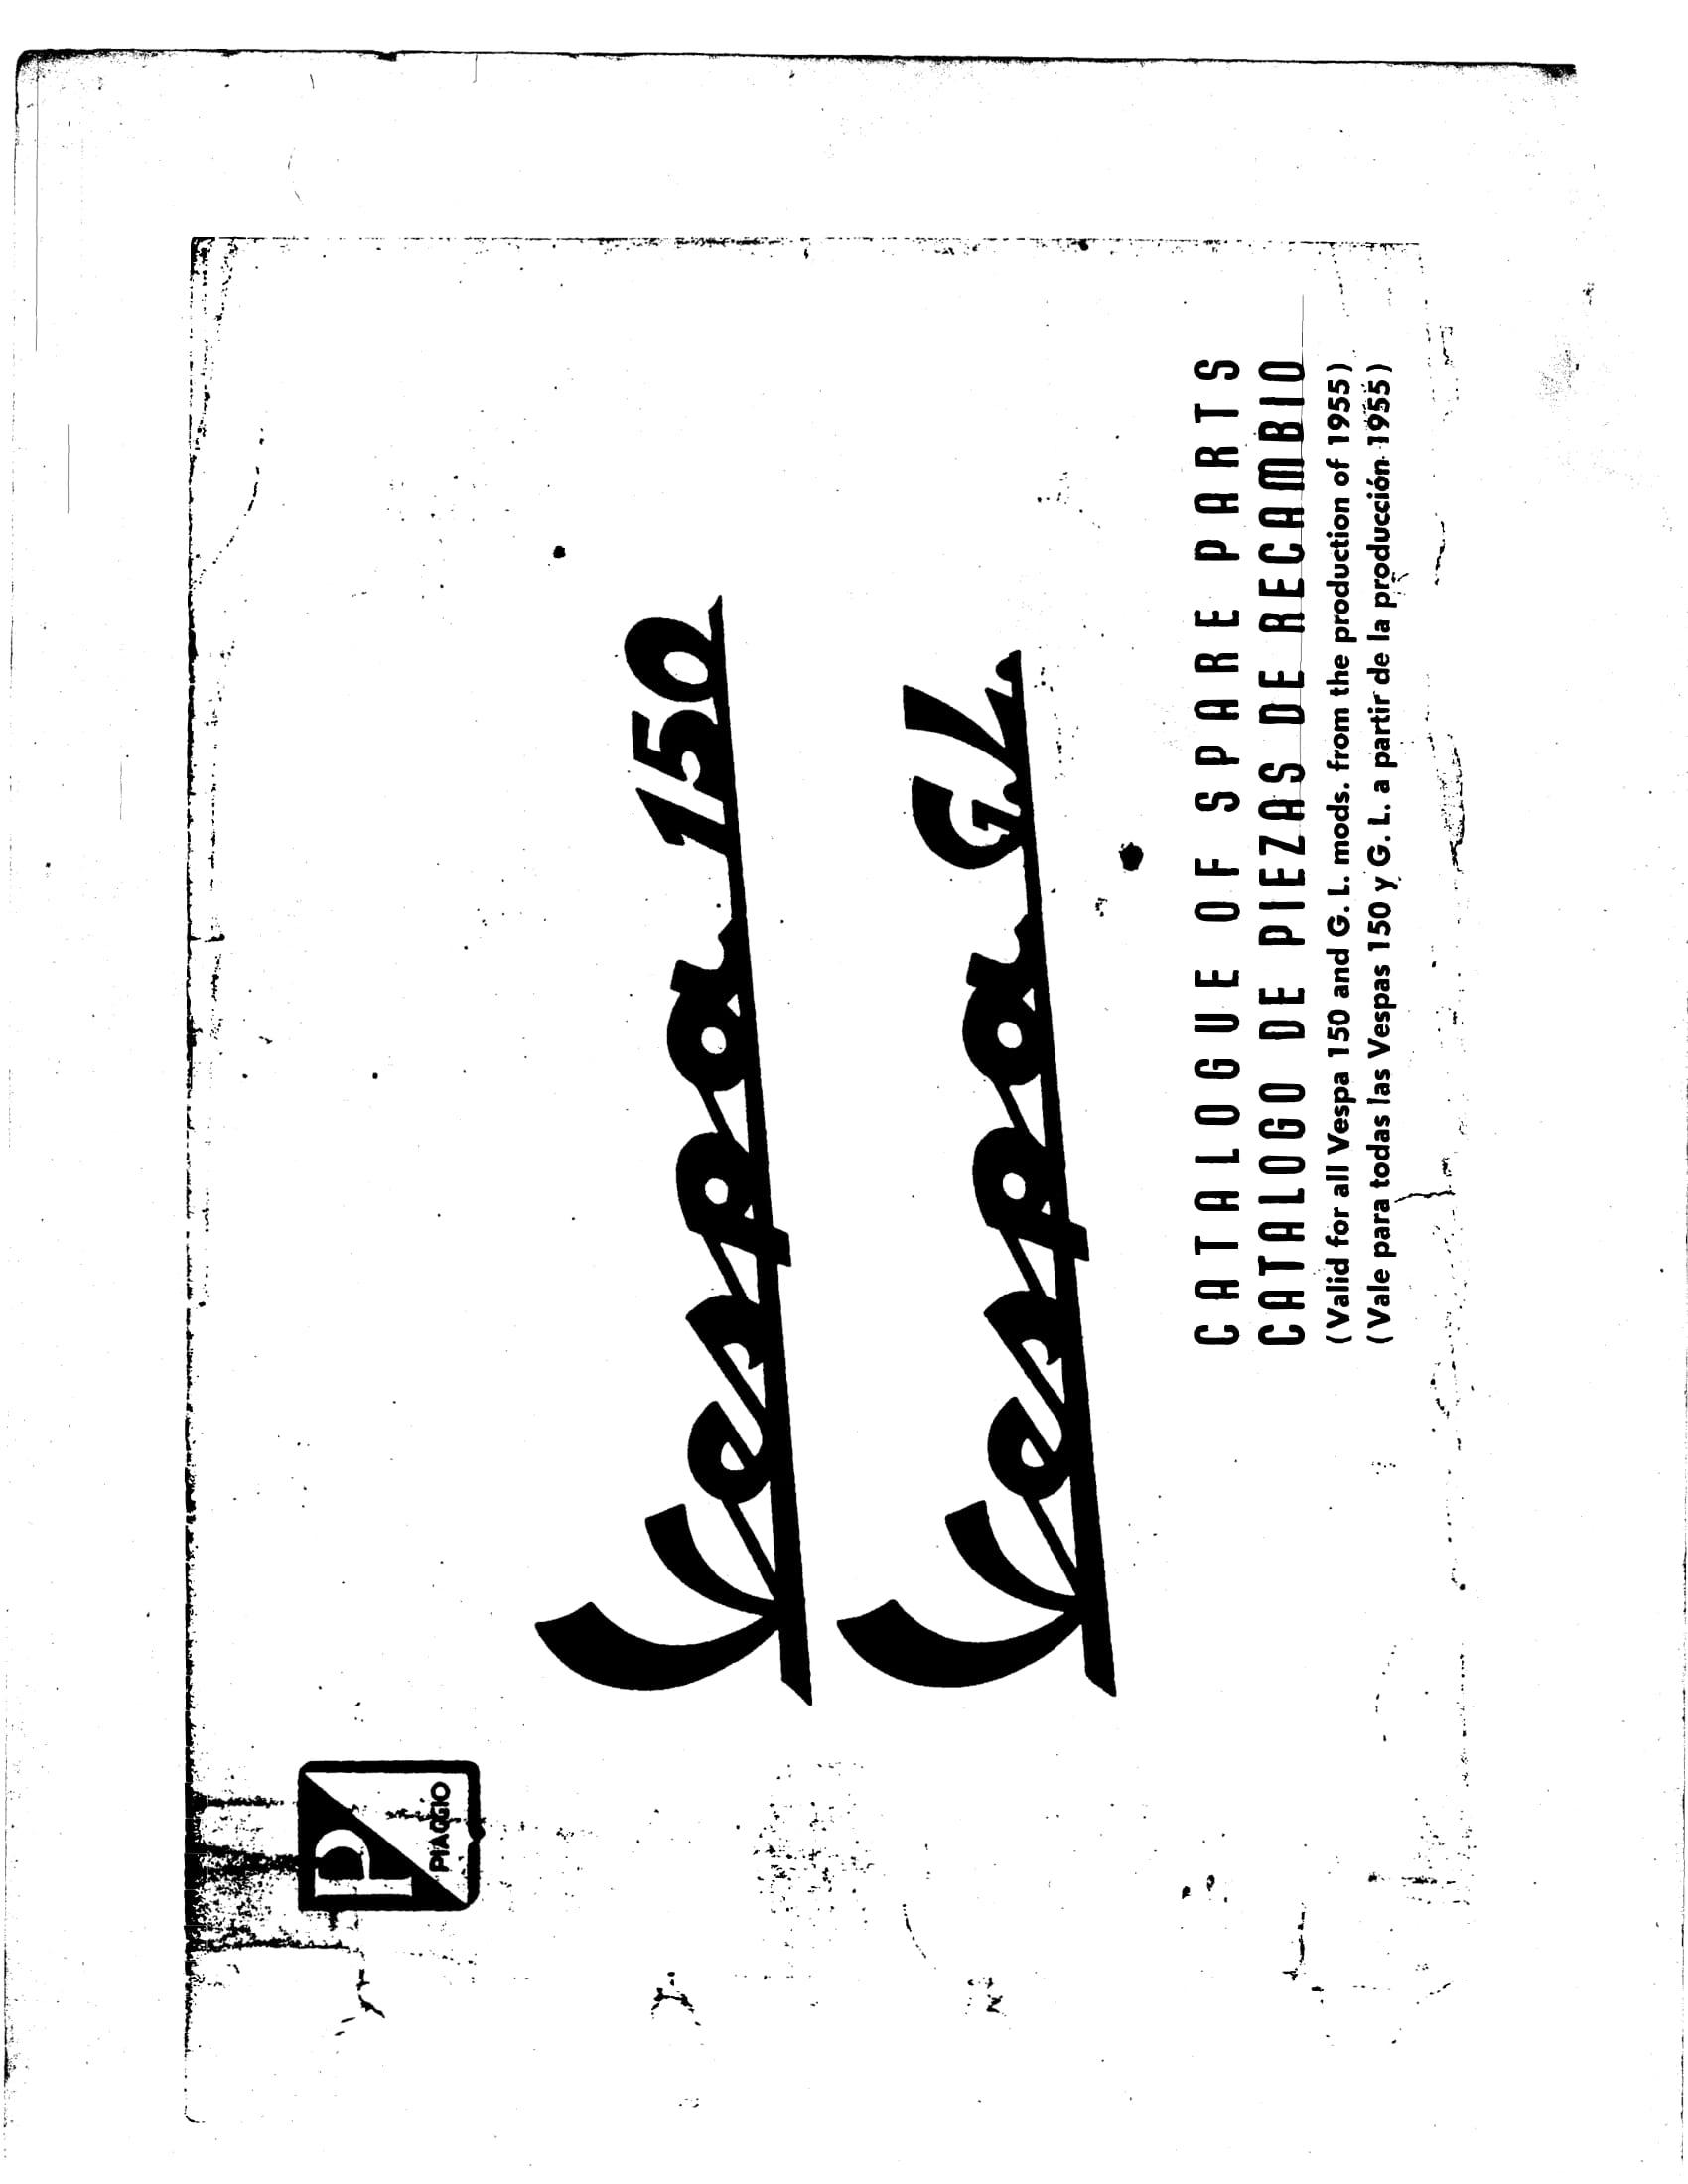 Vespa 150 and Vespa GL Parts Manual